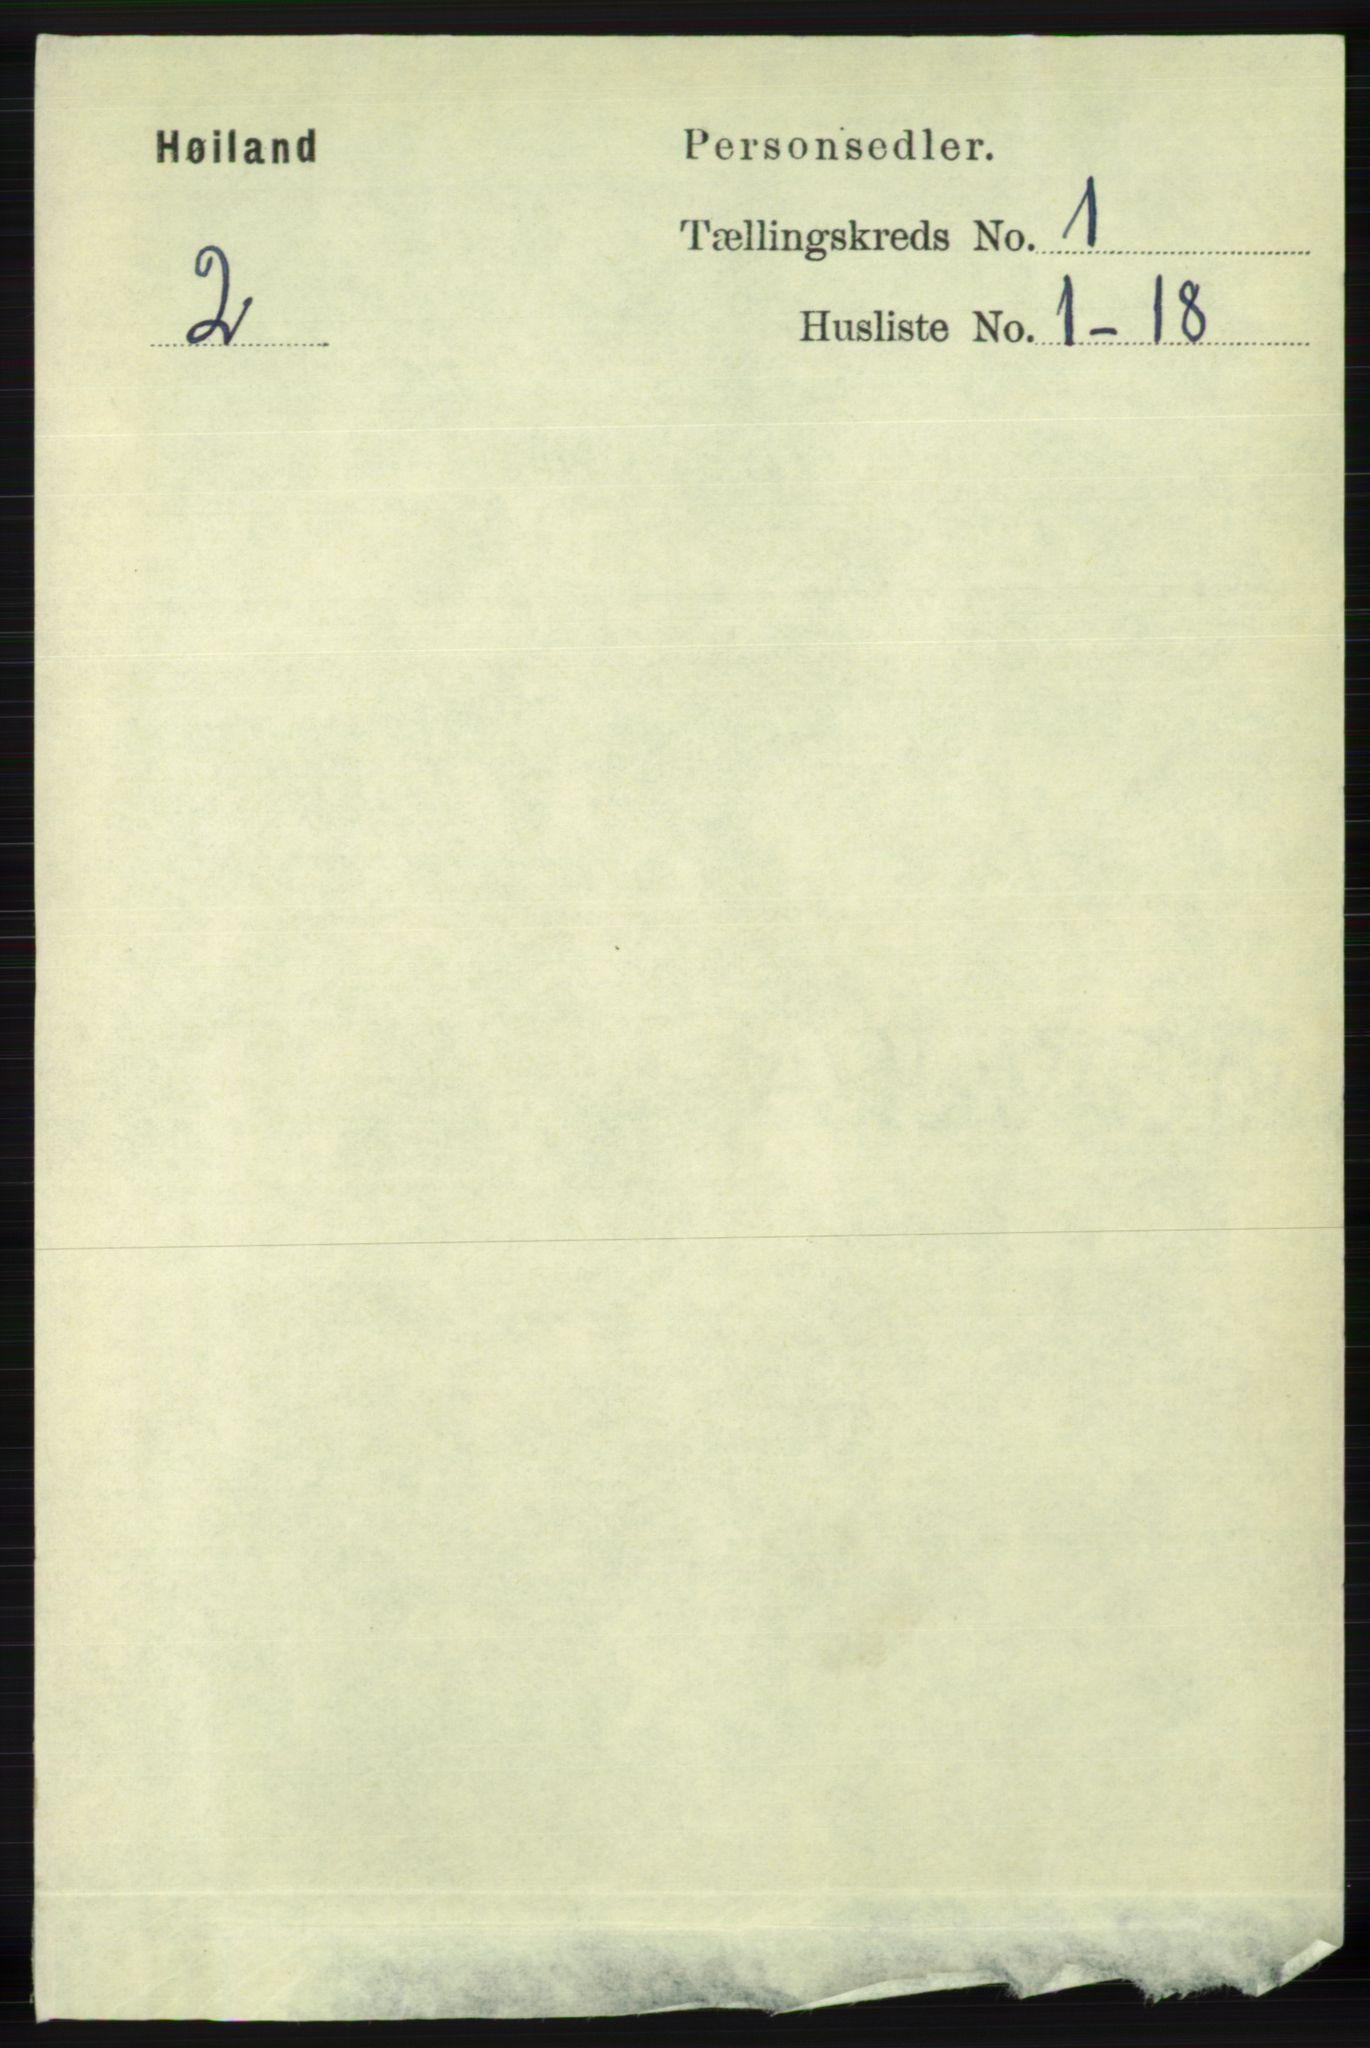 RA, Folketelling 1891 for 1123 Høyland herred, 1891, s. 63